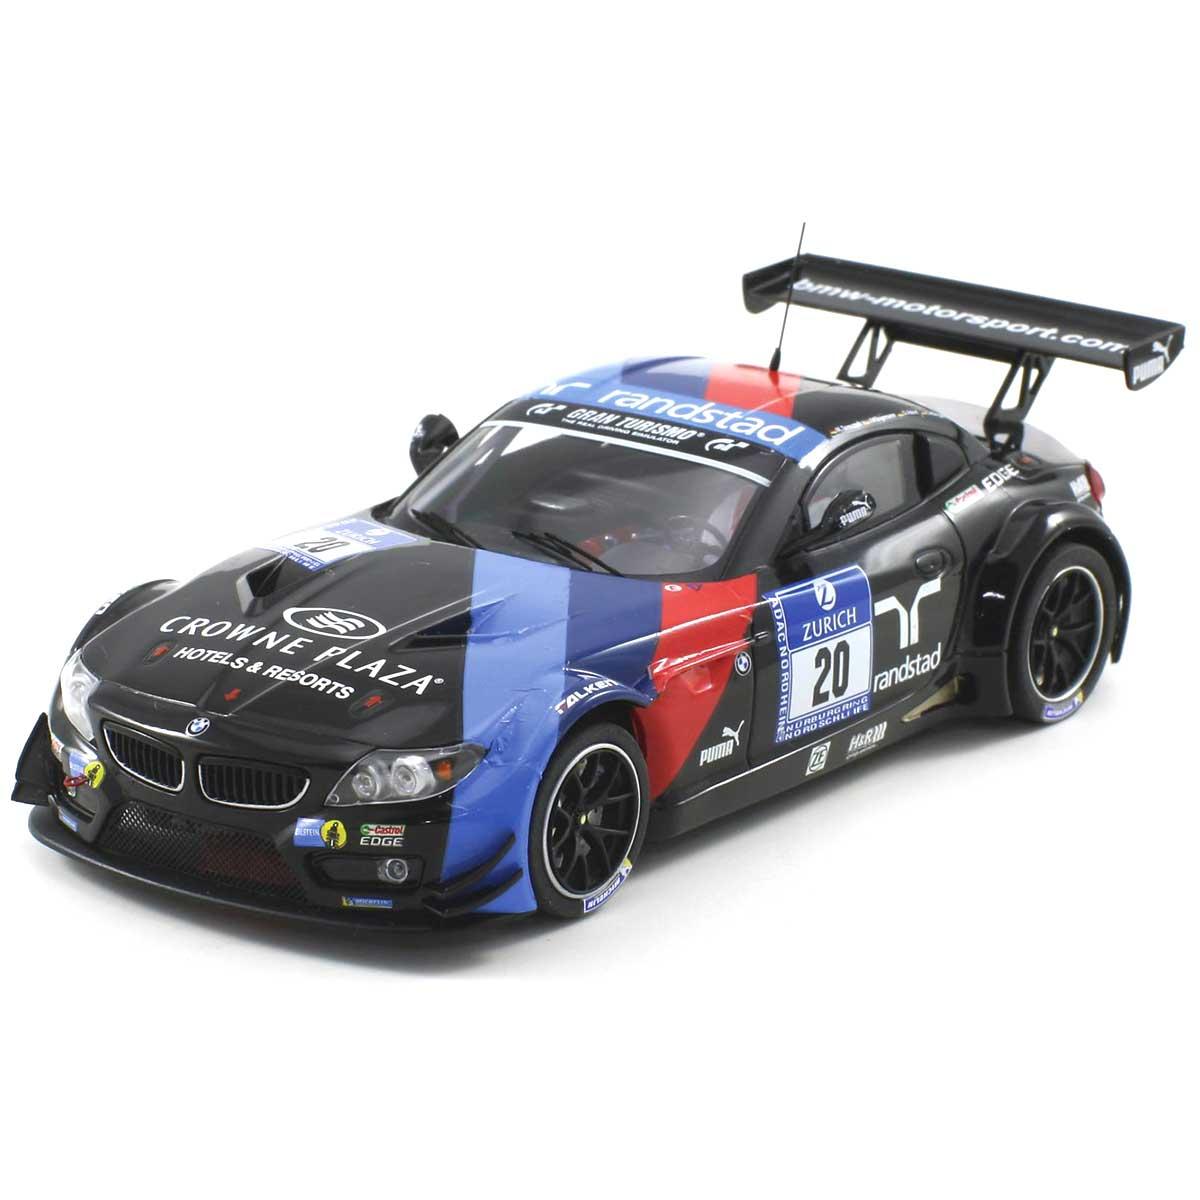 Bmw Z4 Gt3: Scaleauto BMW Z4 GT3 No.20 Nurburgring 2013